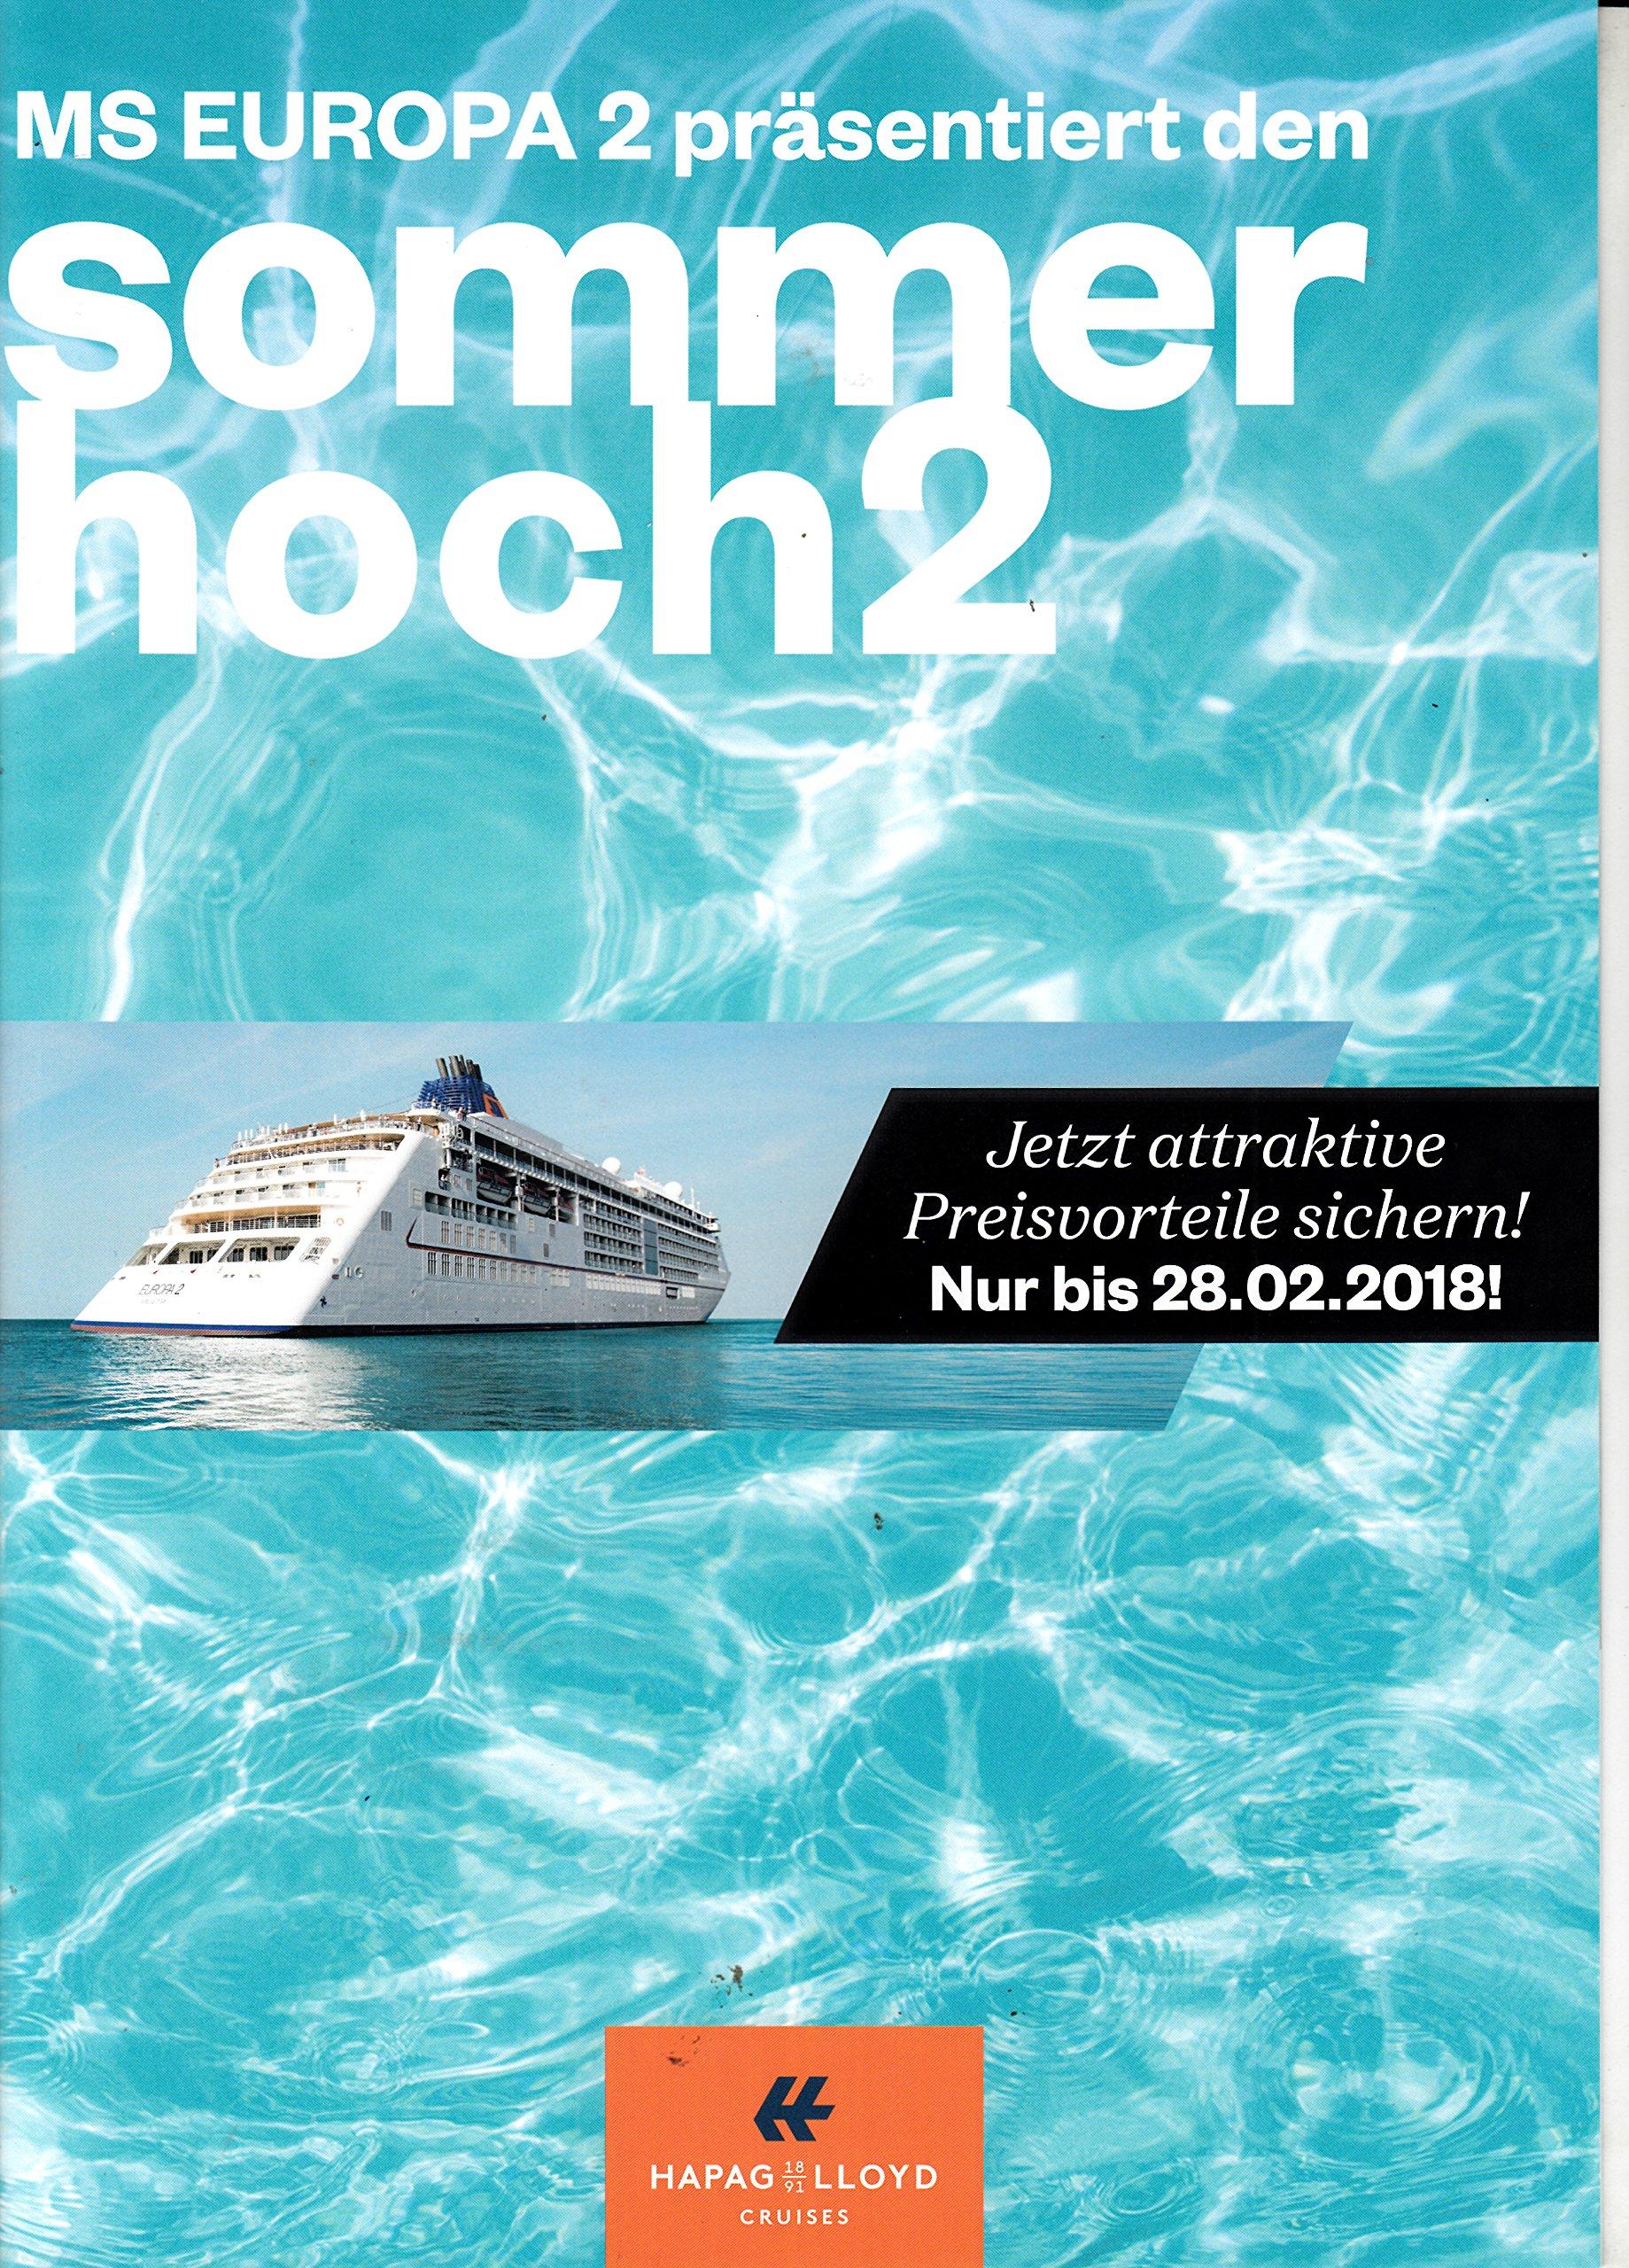 Vorschau von Top Marken Sortendesign Hapag Lloyd Folder 2018 MS Europa 2 Werbung Kreuzfahrt ...